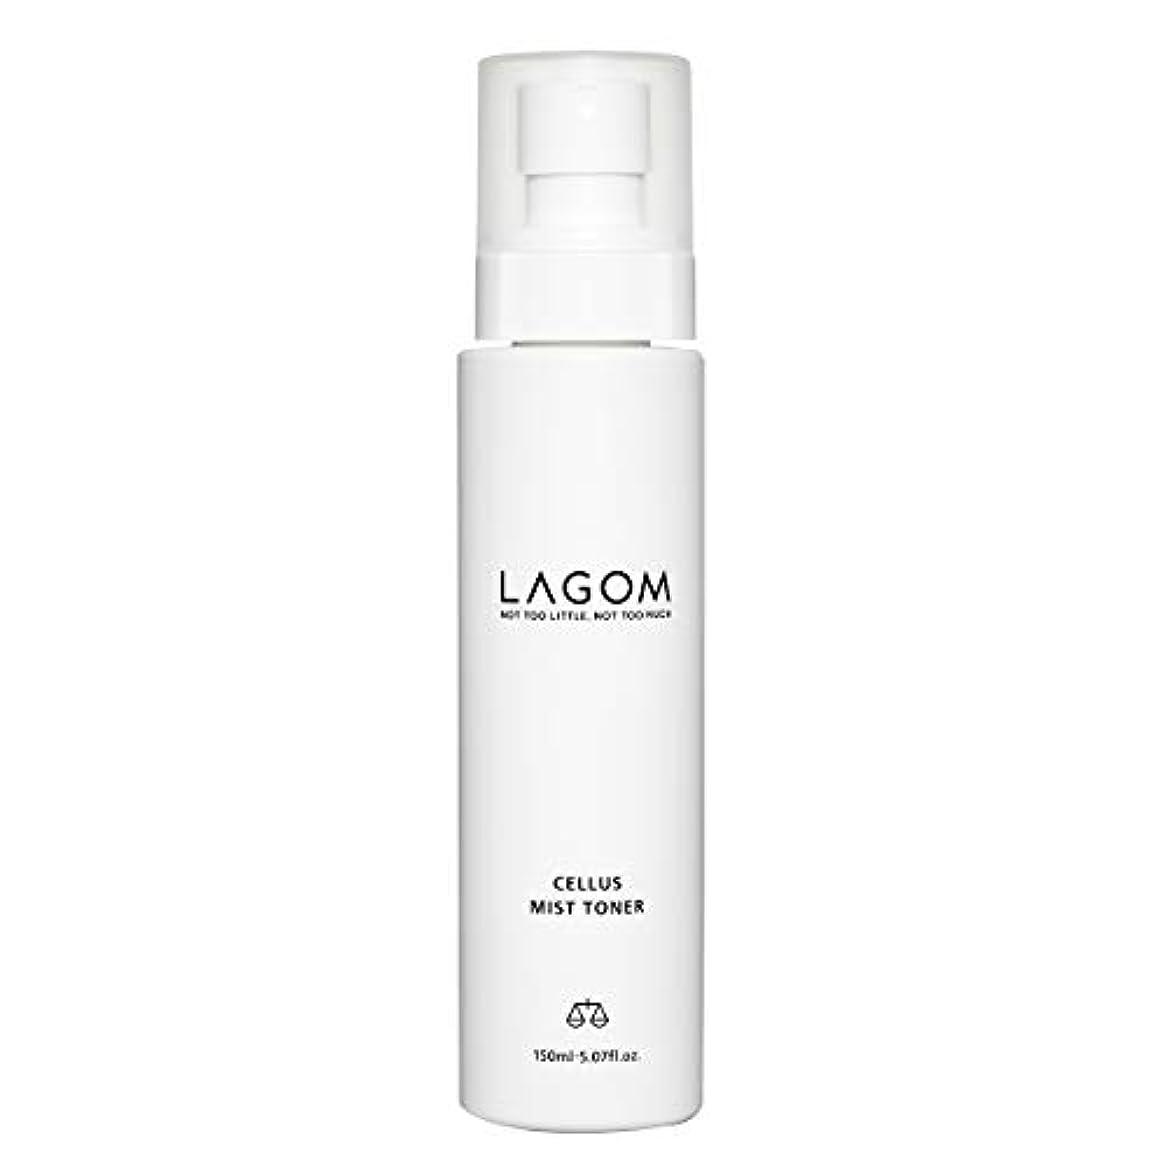 ディスク称賛不健康LAGOM(ラゴム) ラゴム ミスト トナー 150ml (化粧水) 日本正規品